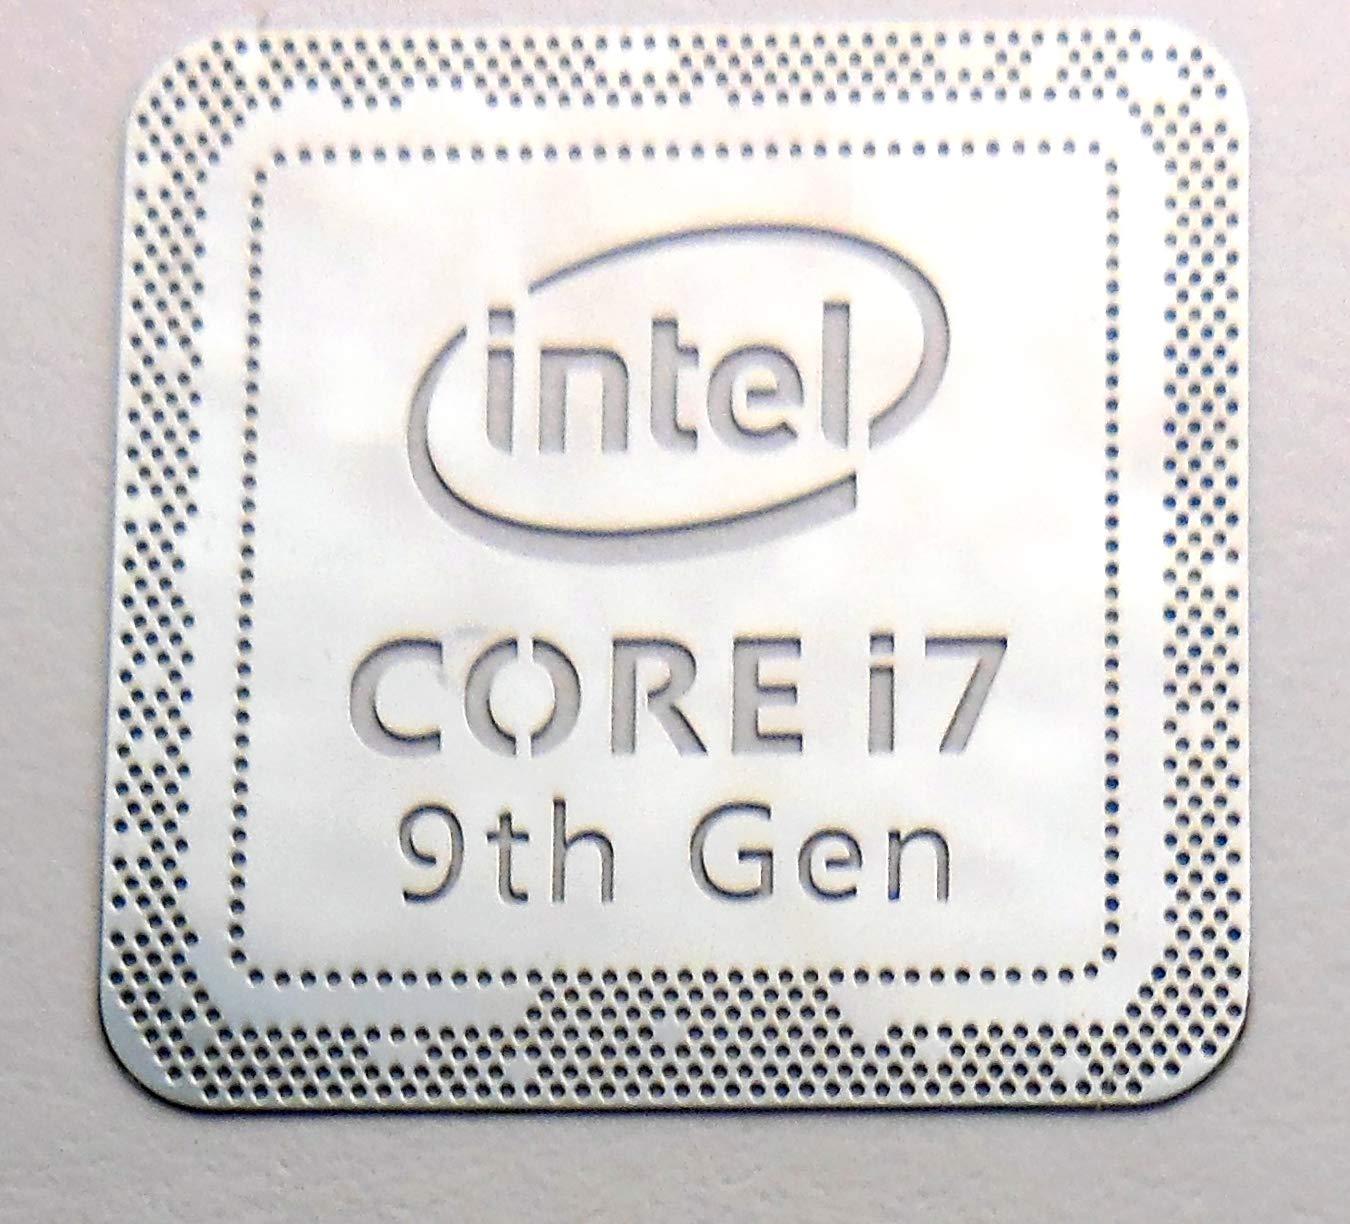 """VATH Made Intel Core i7 9th Generation Metal Sticker 18 x 18mm / 11/16"""" x 11/16"""" [974]"""